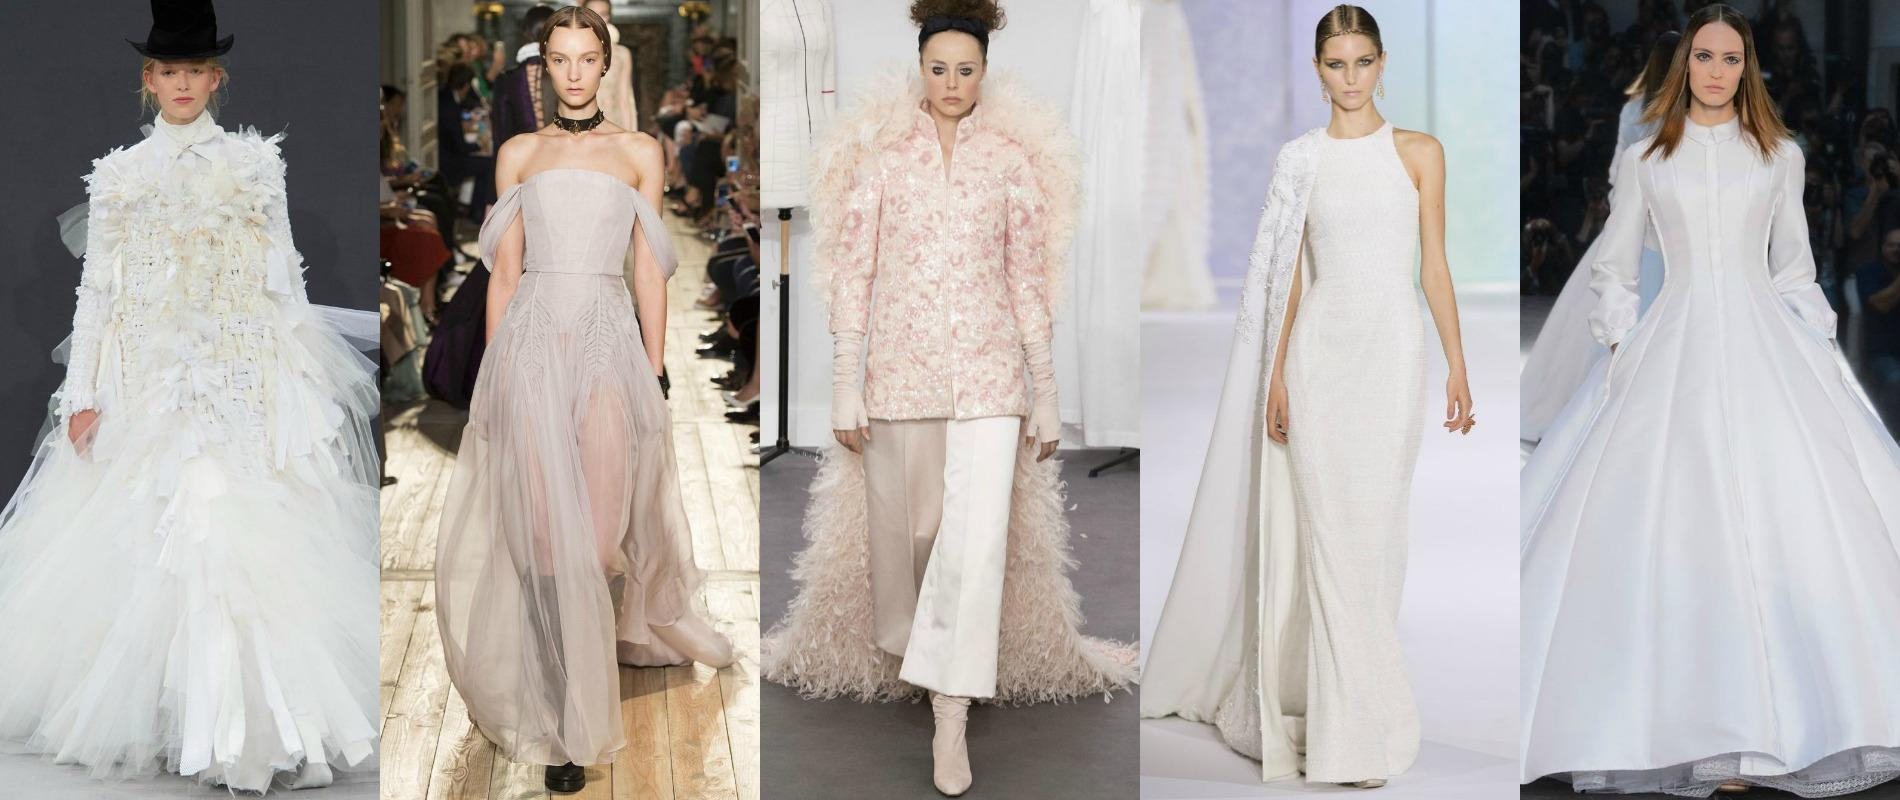 Haute Couture Des Robes De Mariee Sculpturales Et Feeriques